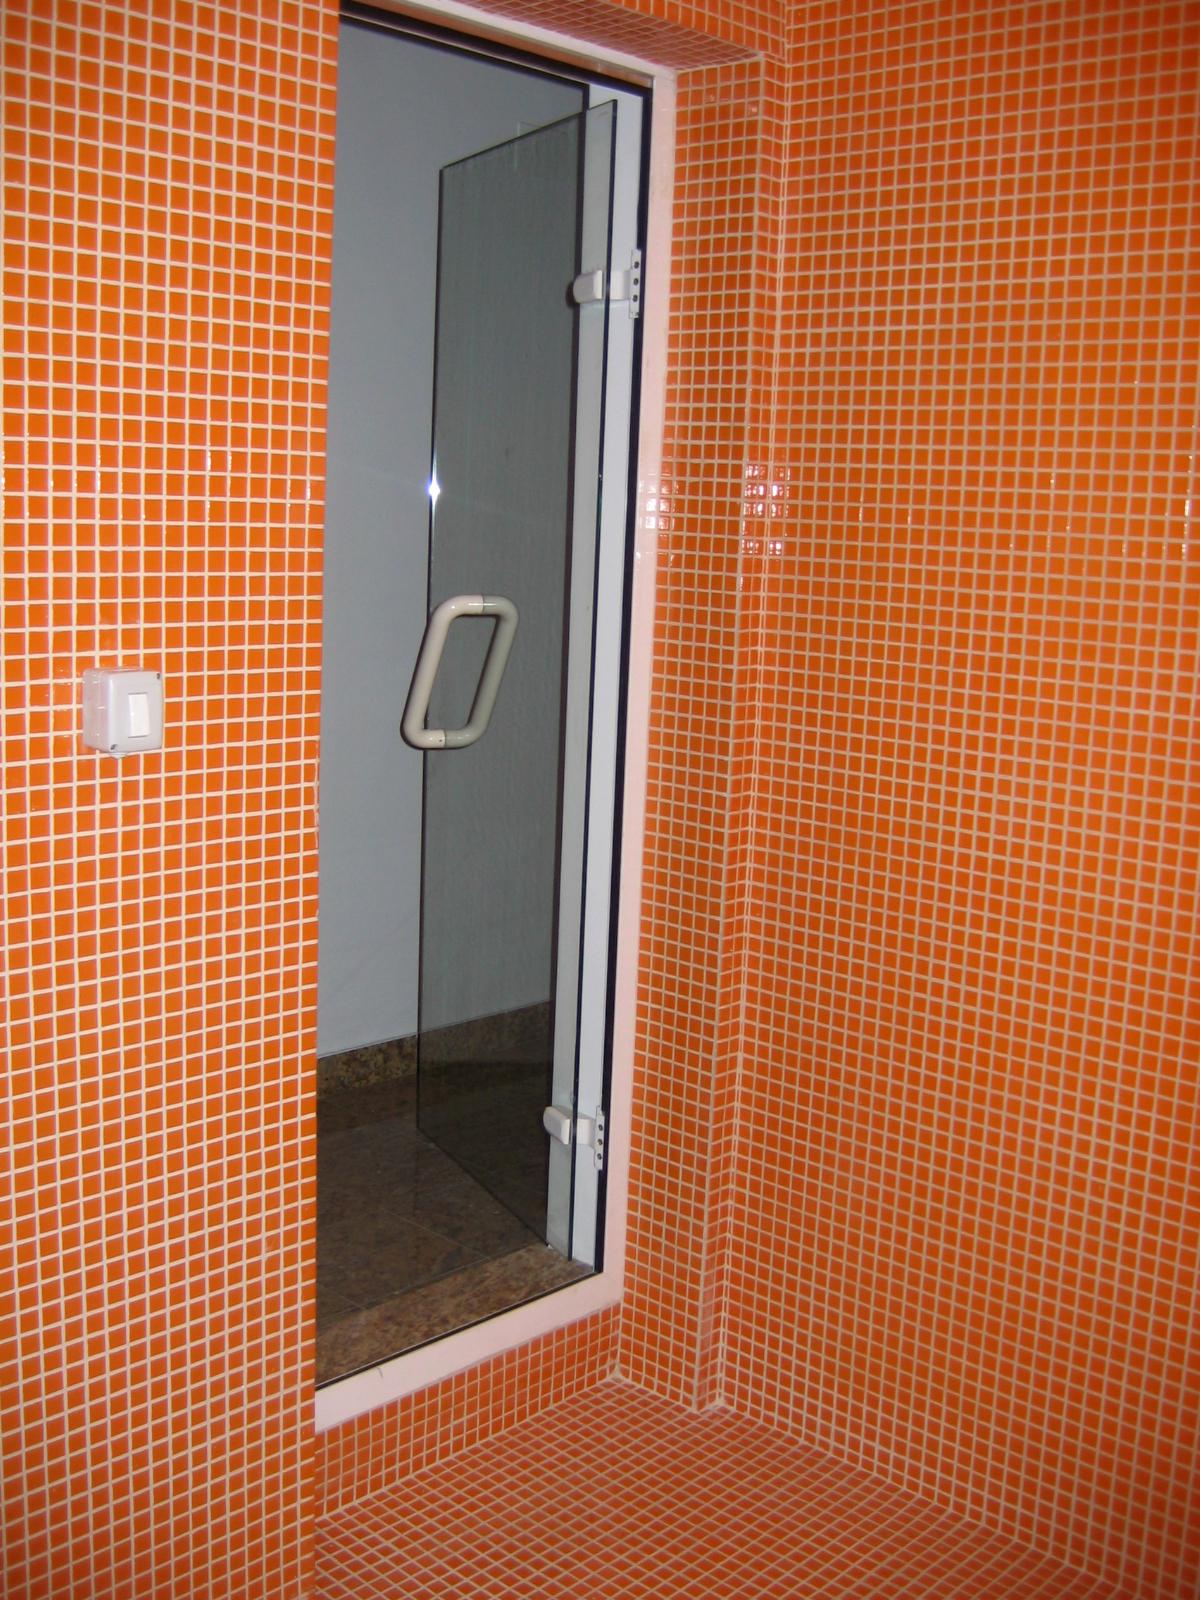 Saune umede - HAMMAM HOBBIT CONCEPT RO - Poza 11